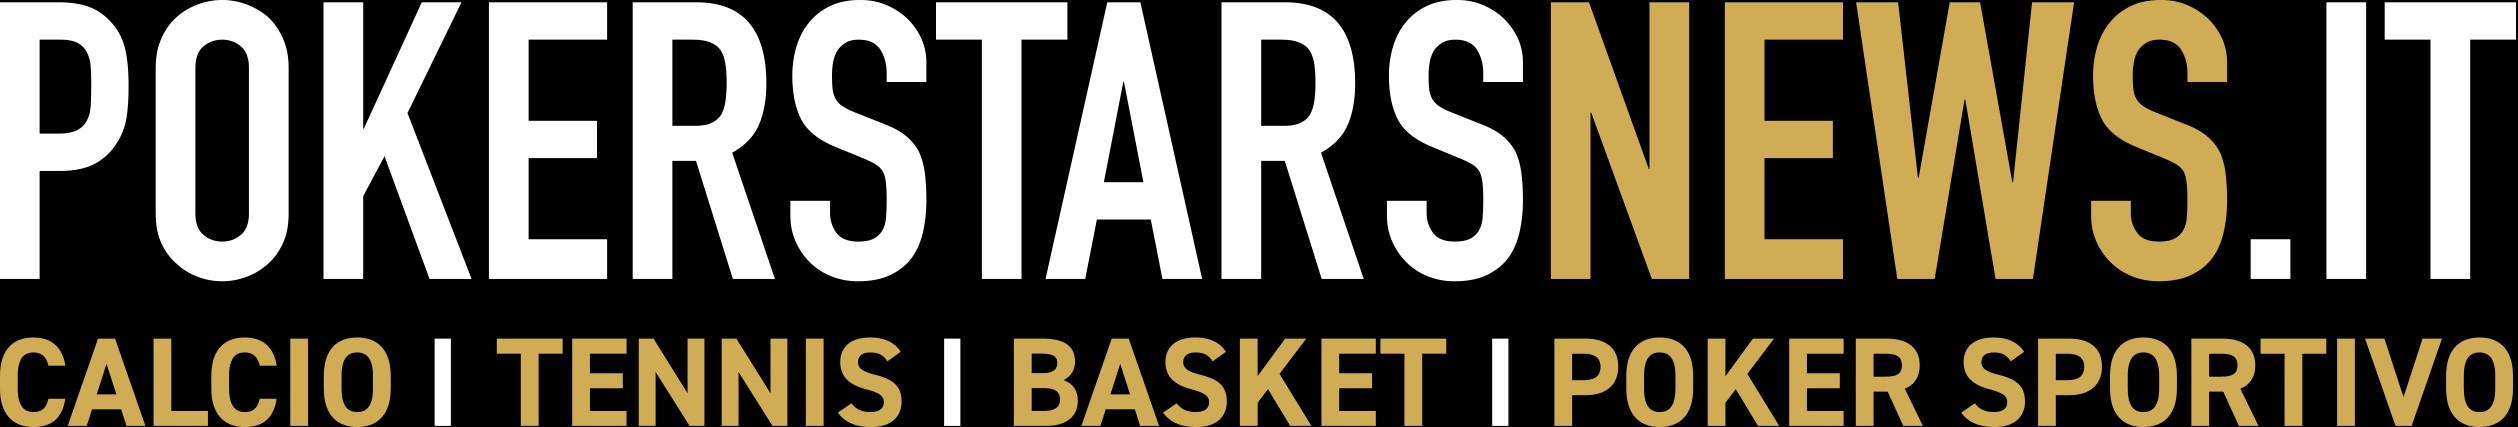 PokerStarsNews.it e la partnership con Sky Sport 24: approfondimenti per un format di qualità